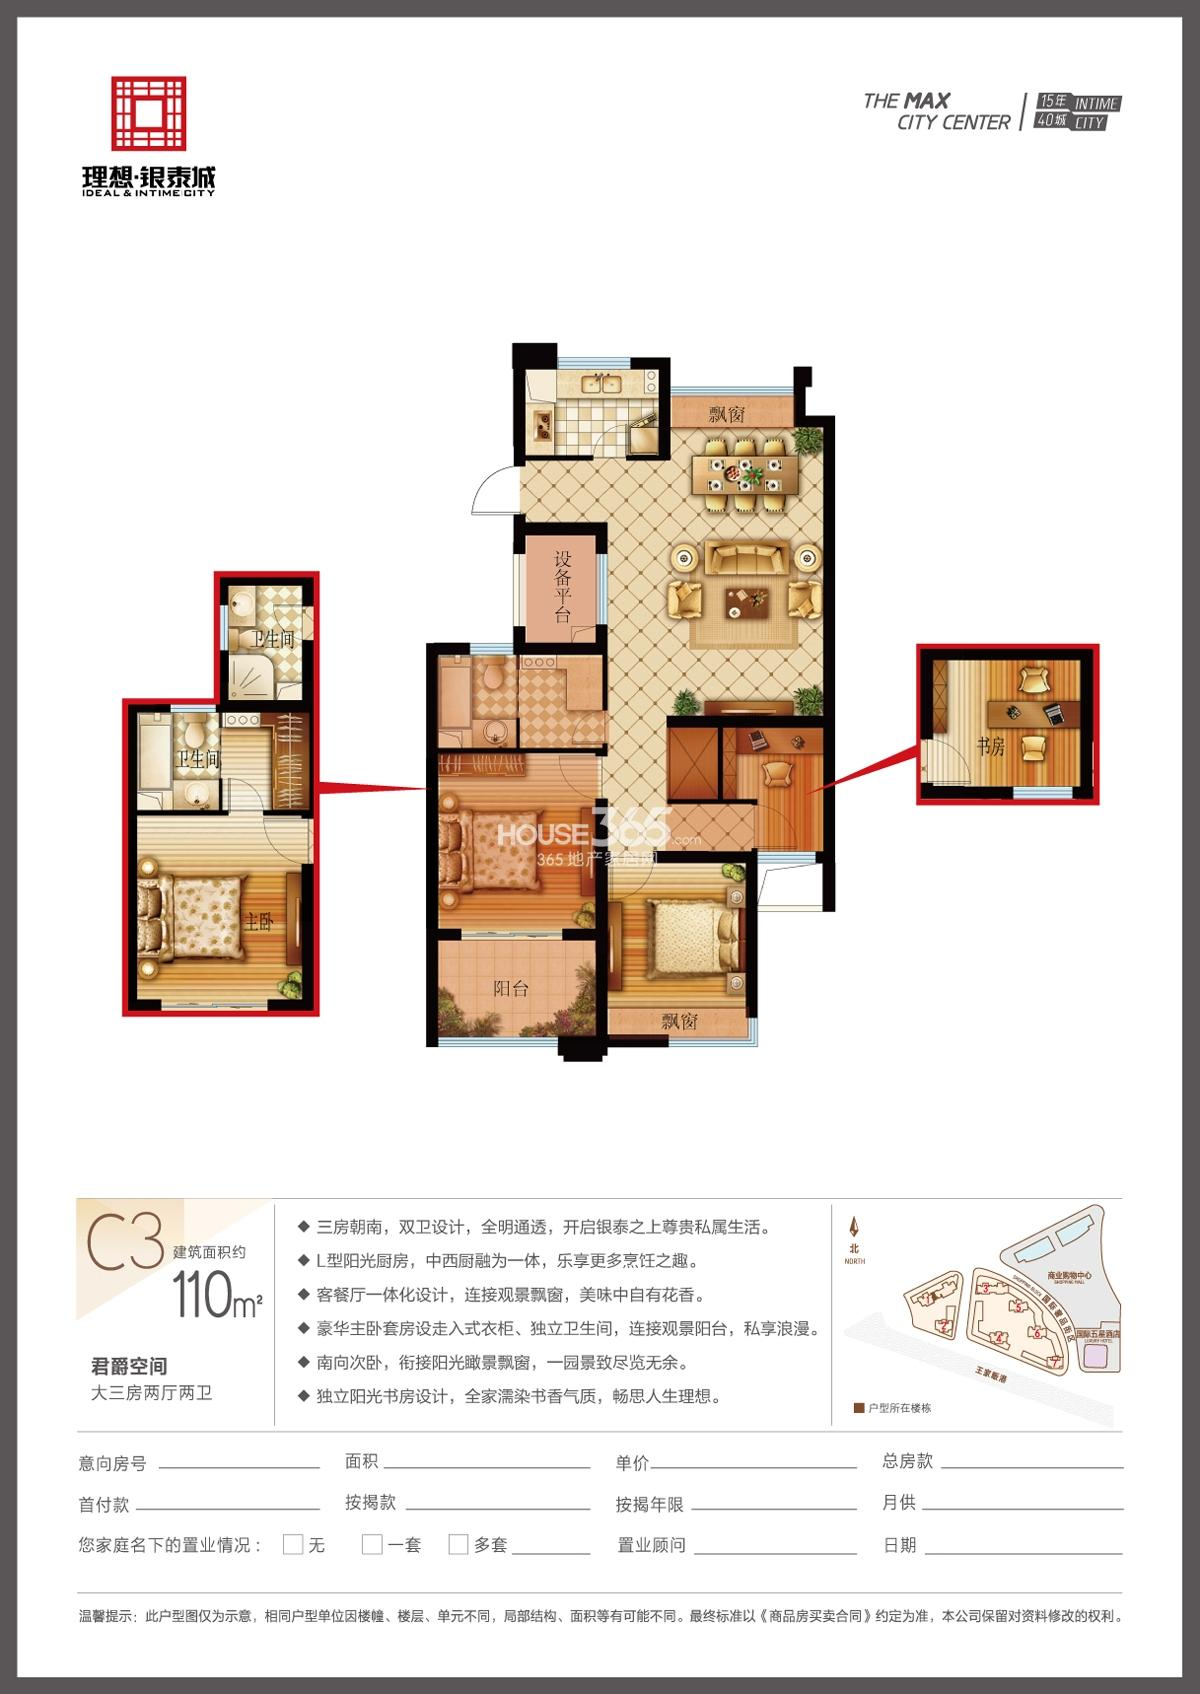 理想银泰城1号楼C3户型110方大三房两厅两卫户型图